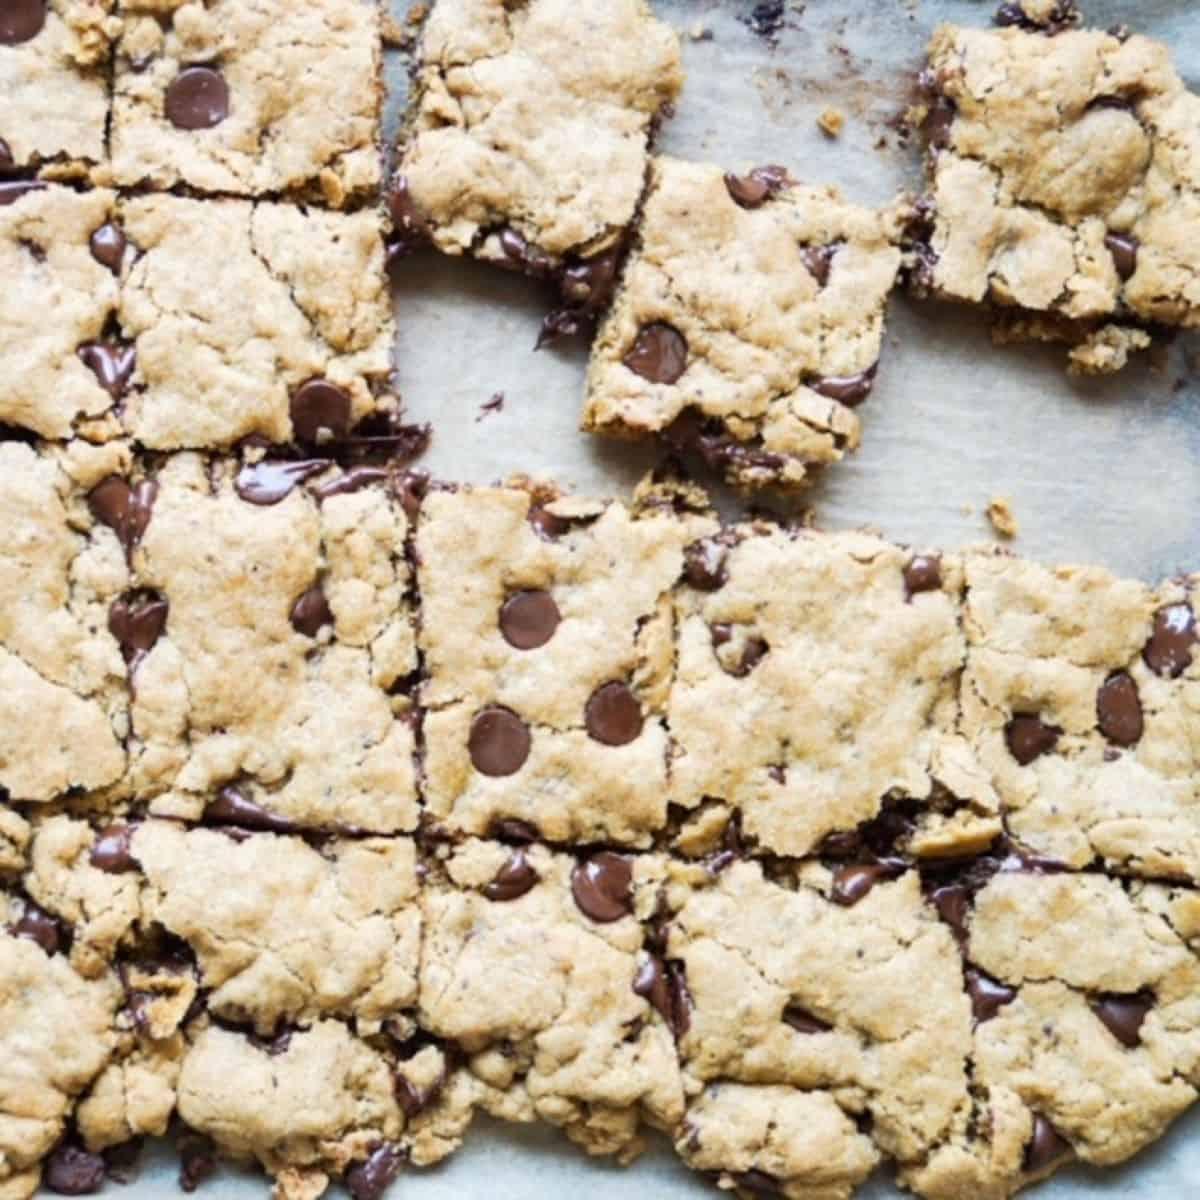 vegan blondie squares on a baking sheet